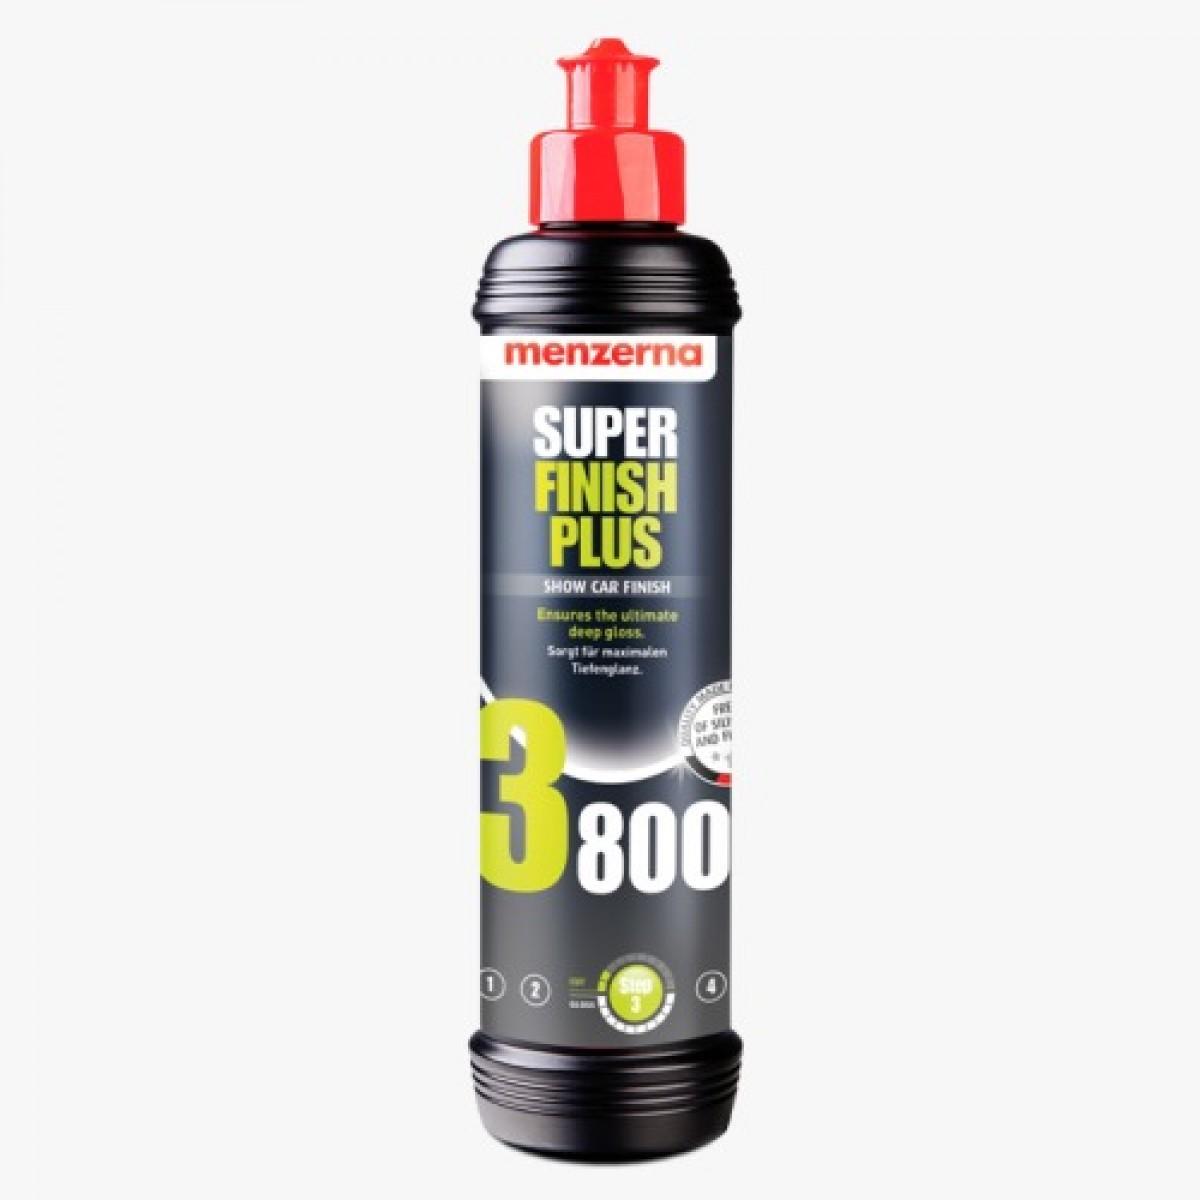 Super Finish Plus 3800 250ml Menzerna